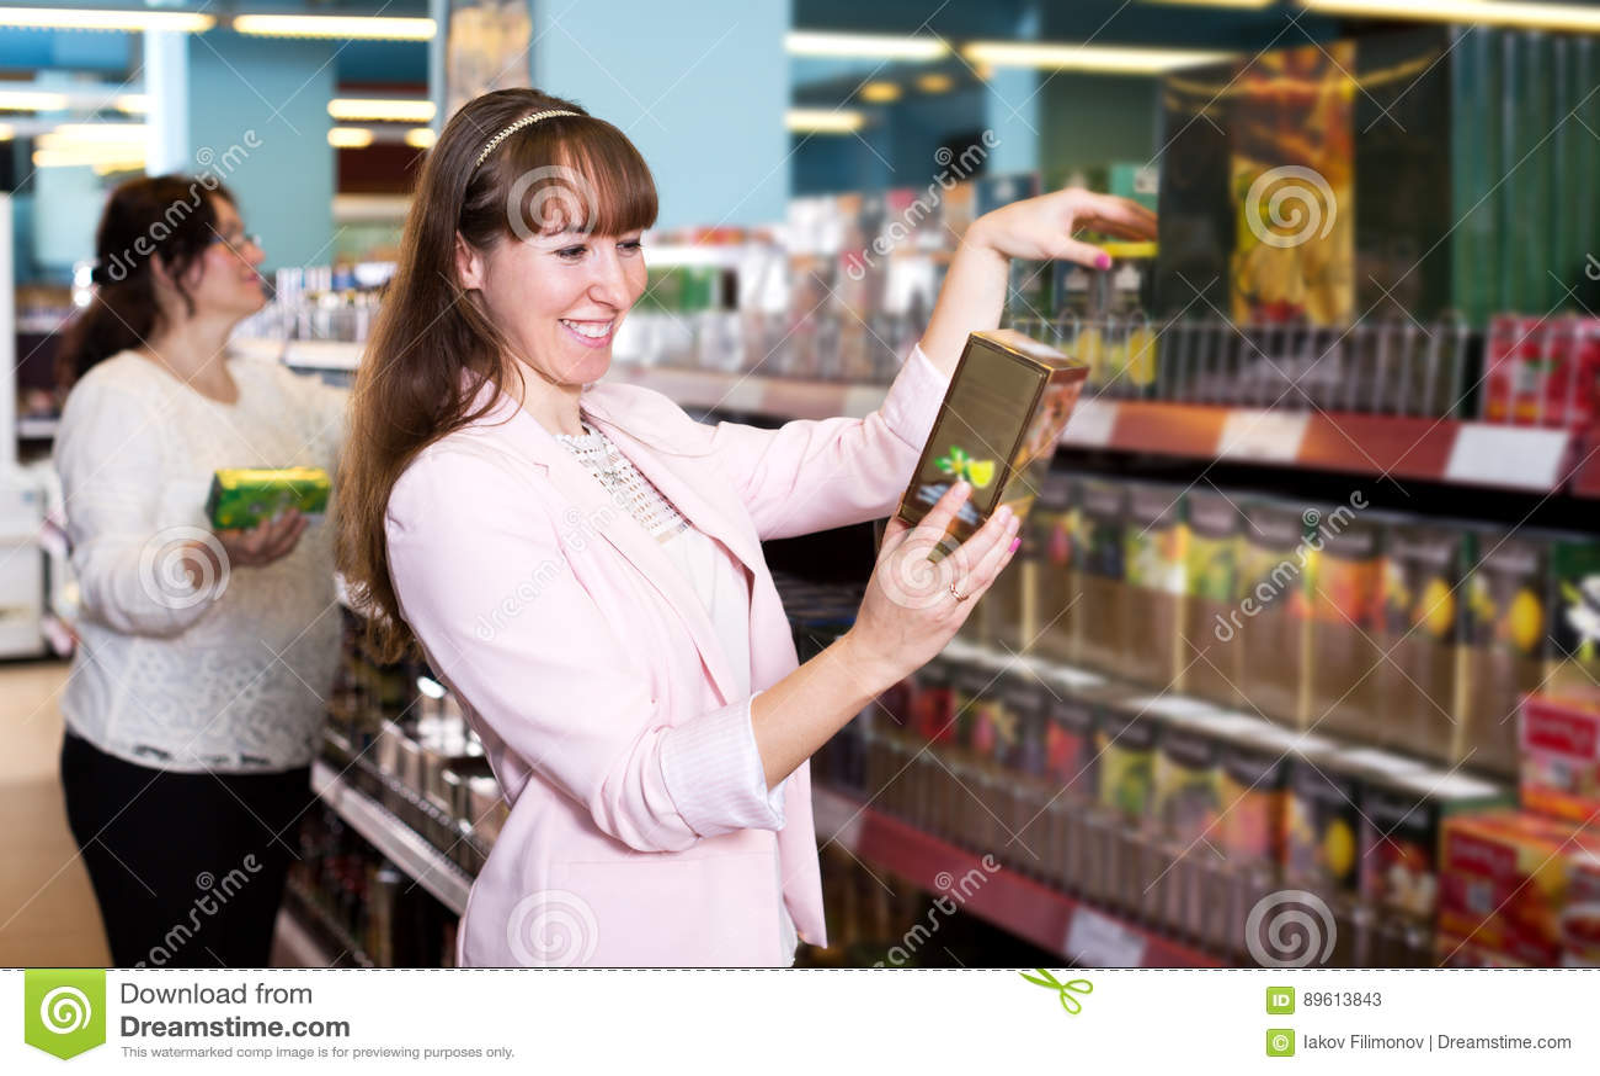 Happy female customers choosing black tea